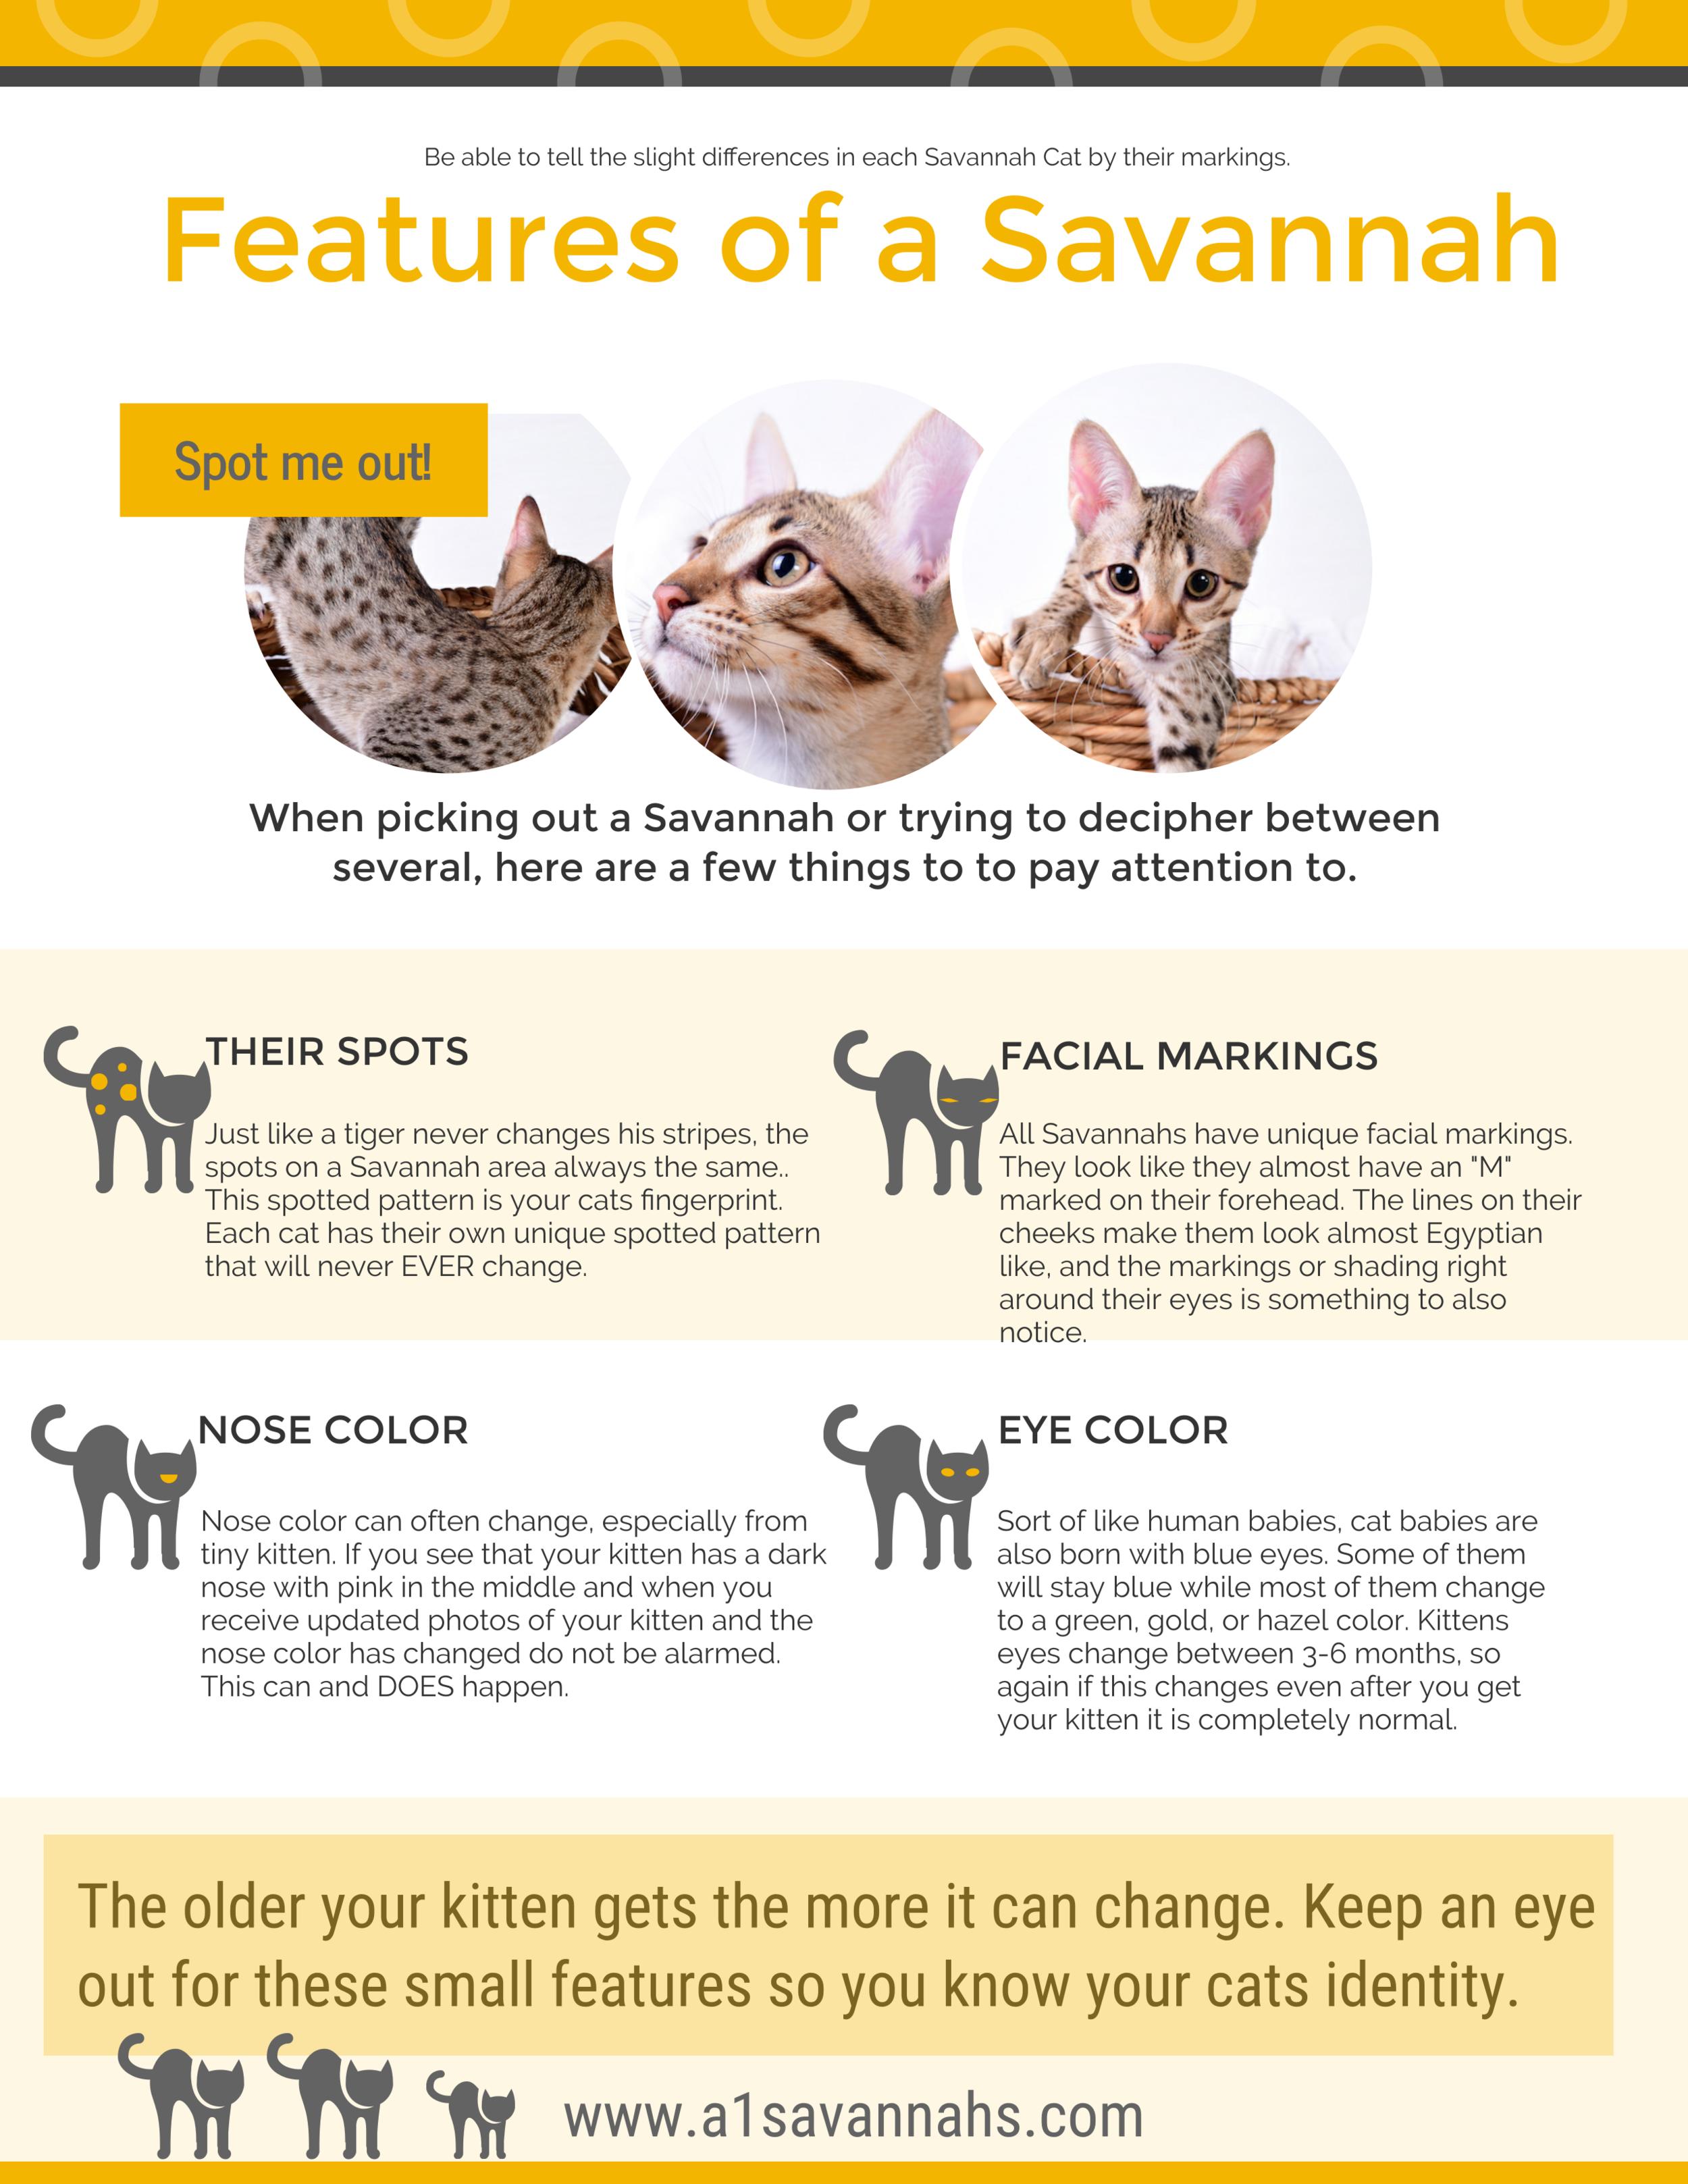 A1 Savannahs features of a savannah info-graph